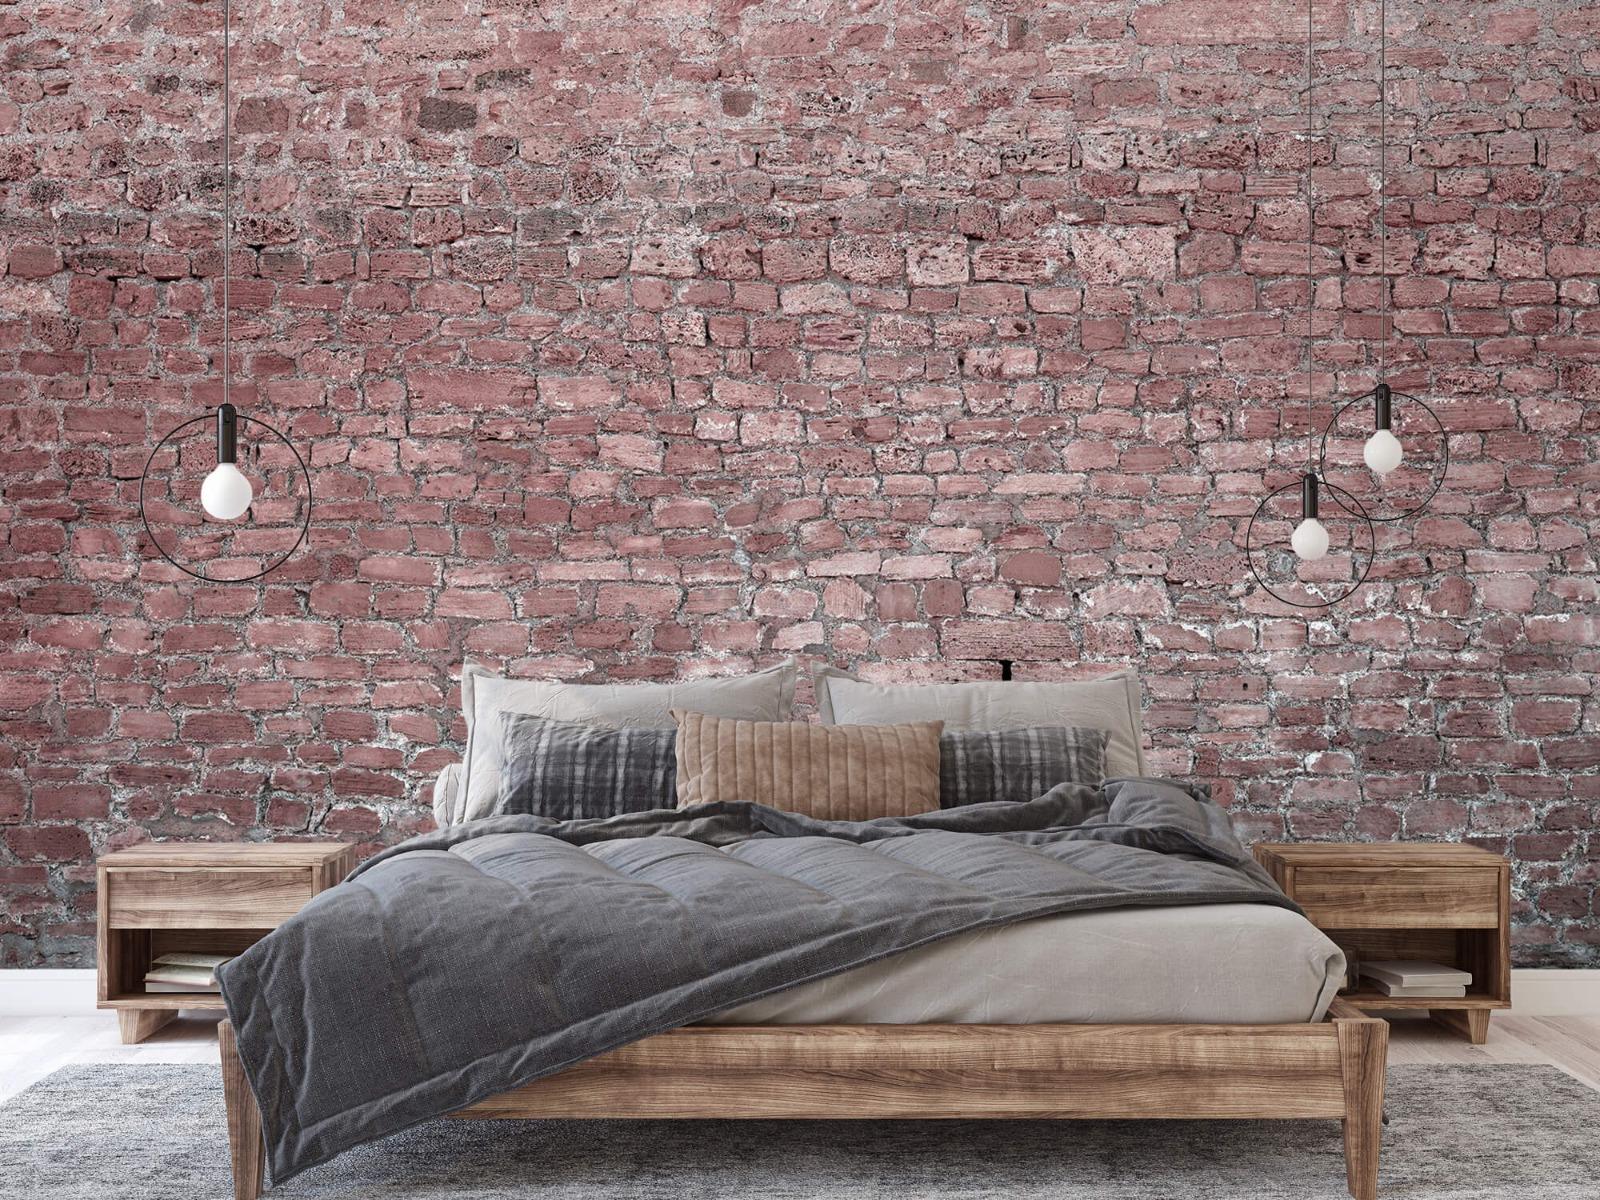 Steen behang - Muur van oude stenen - Tienerkamer 1